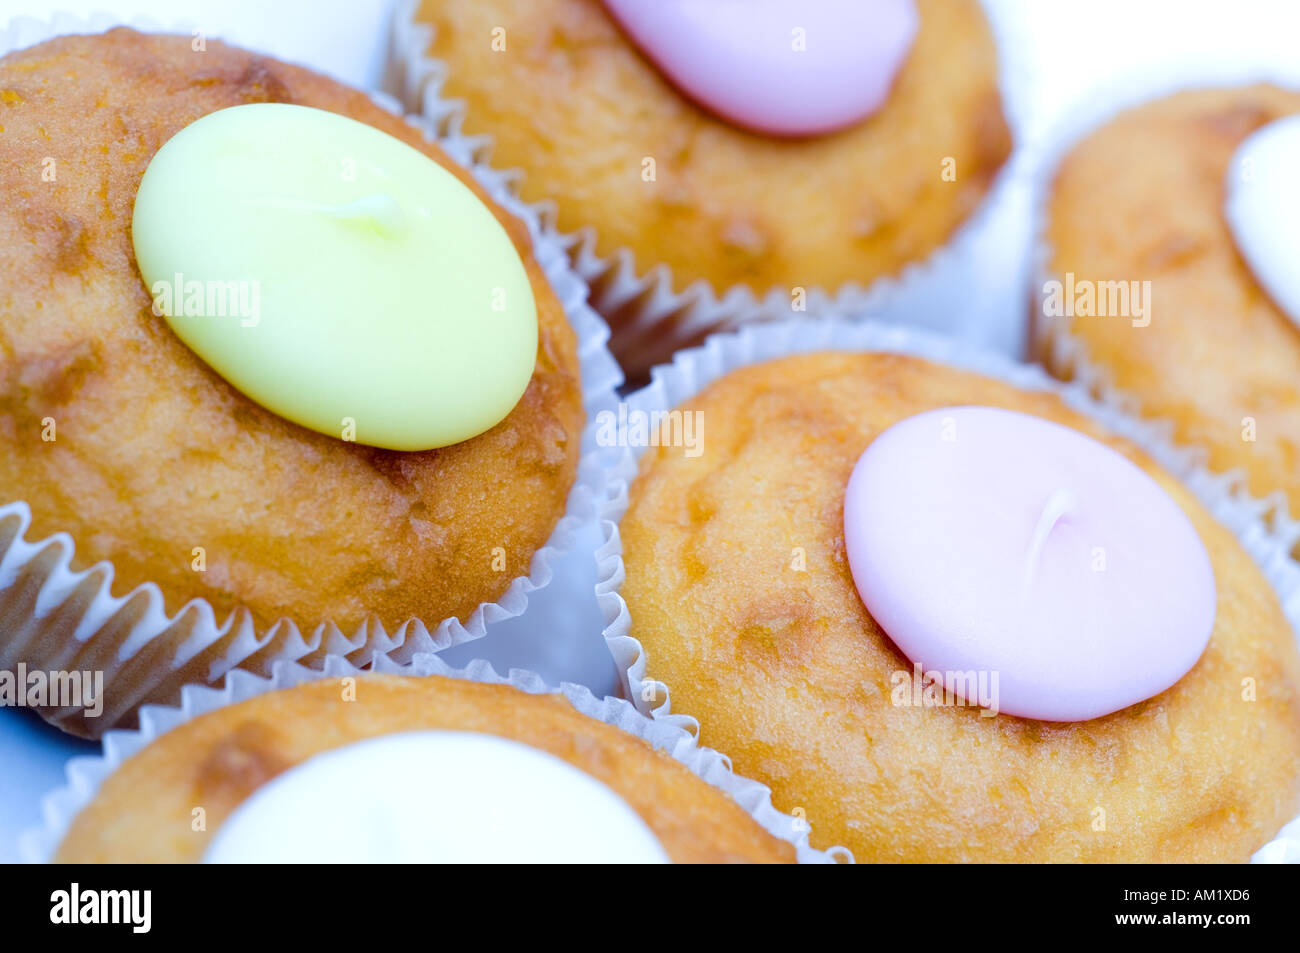 Fresh Cakes - Stock Image